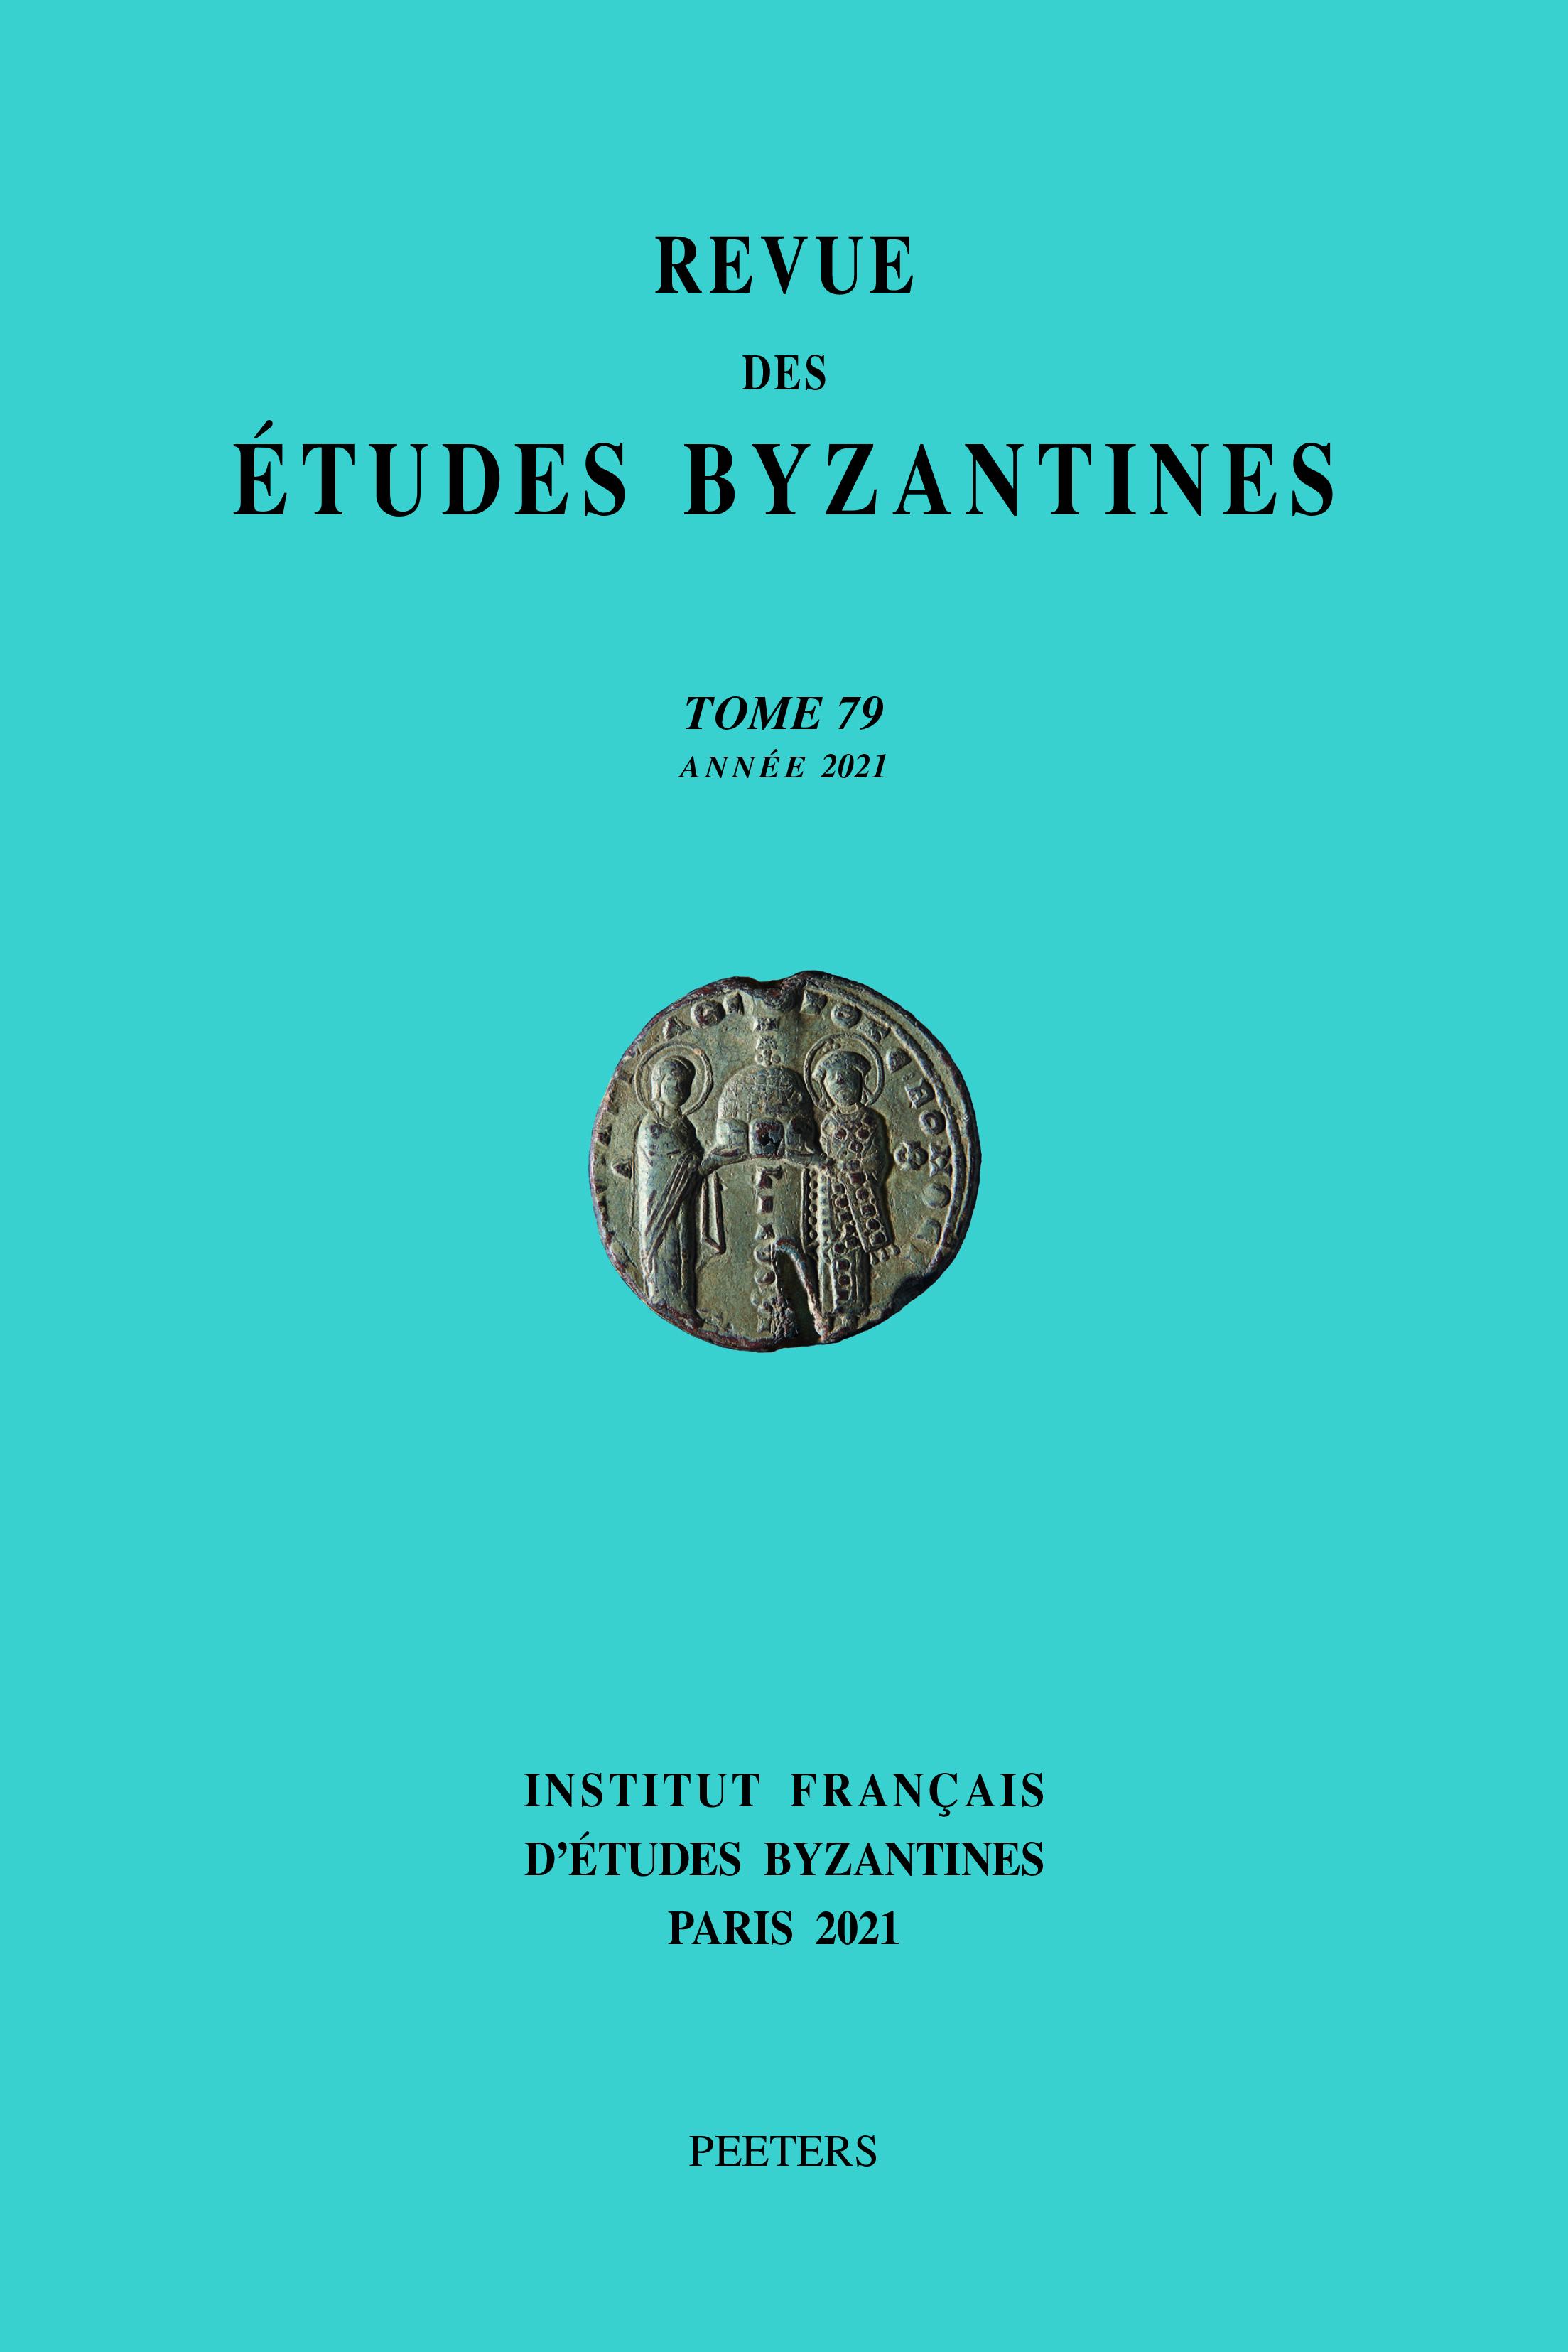 REVUE DES ETUDES BYZANTINES